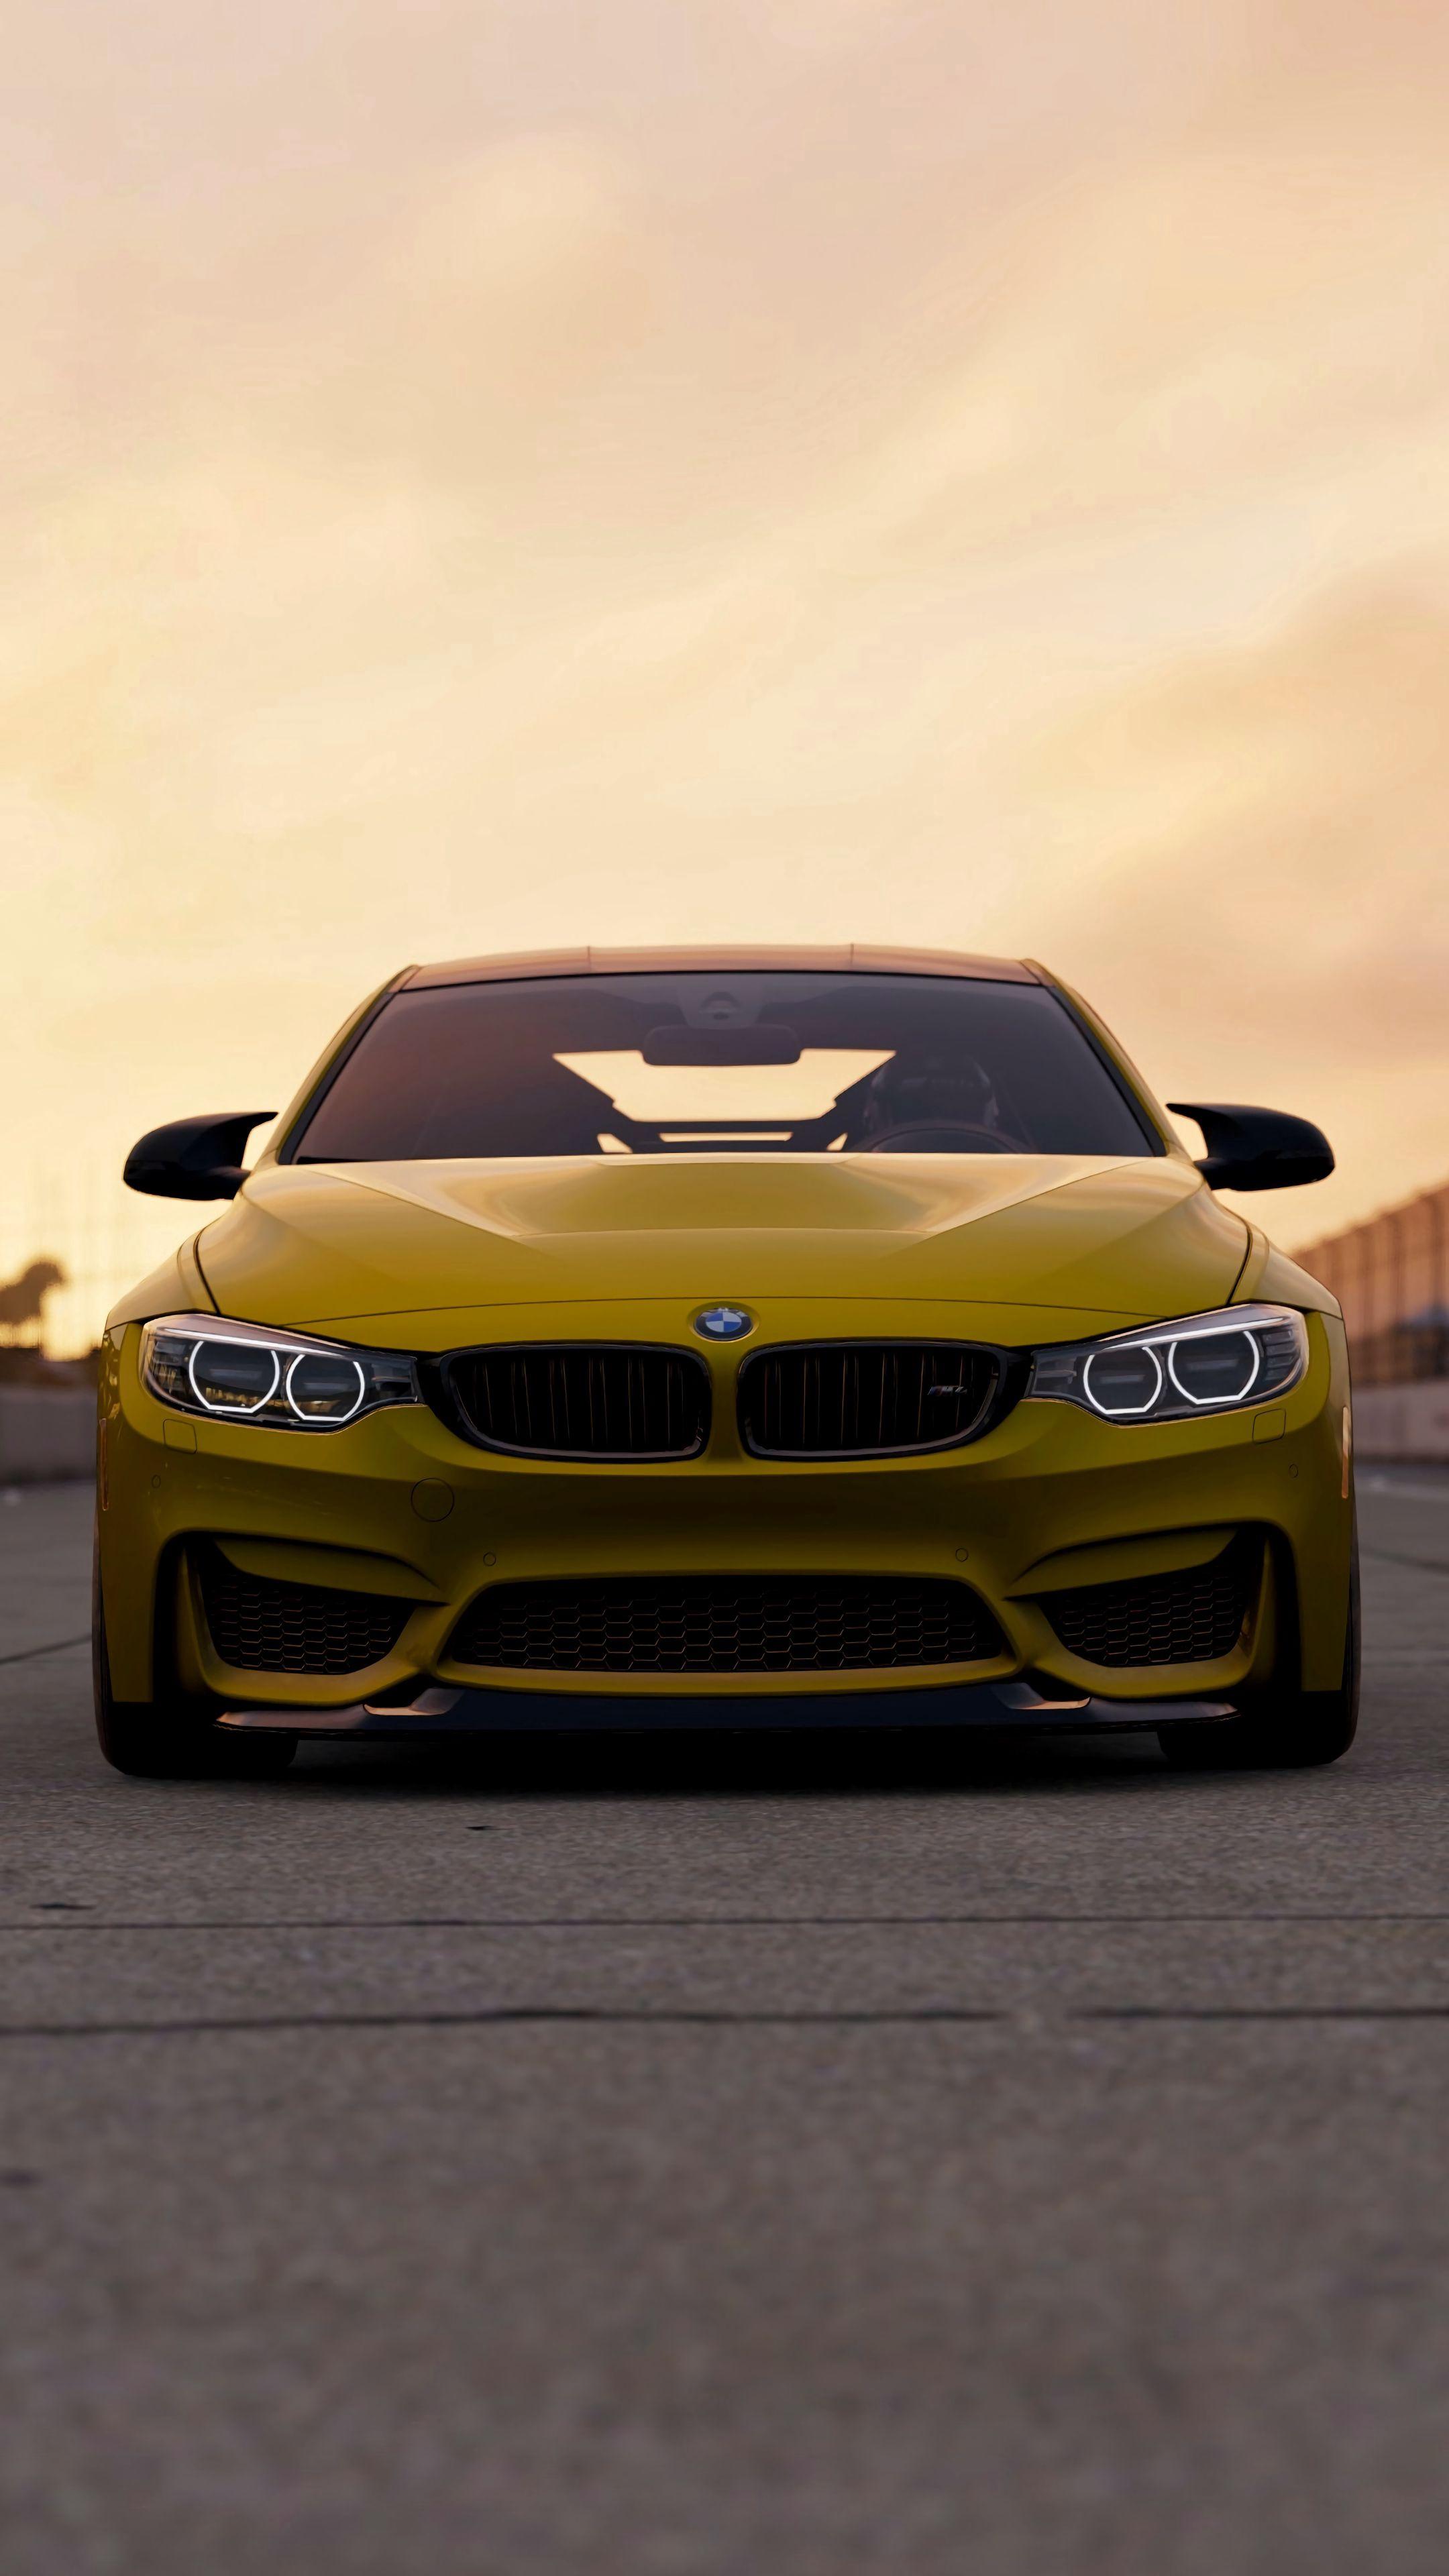 155324 скачать обои Машины, Бмв (Bmw), Вид Спереди, Тачки (Cars), Желтый, Bmw M4, Bmw M4 Gts - заставки и картинки бесплатно